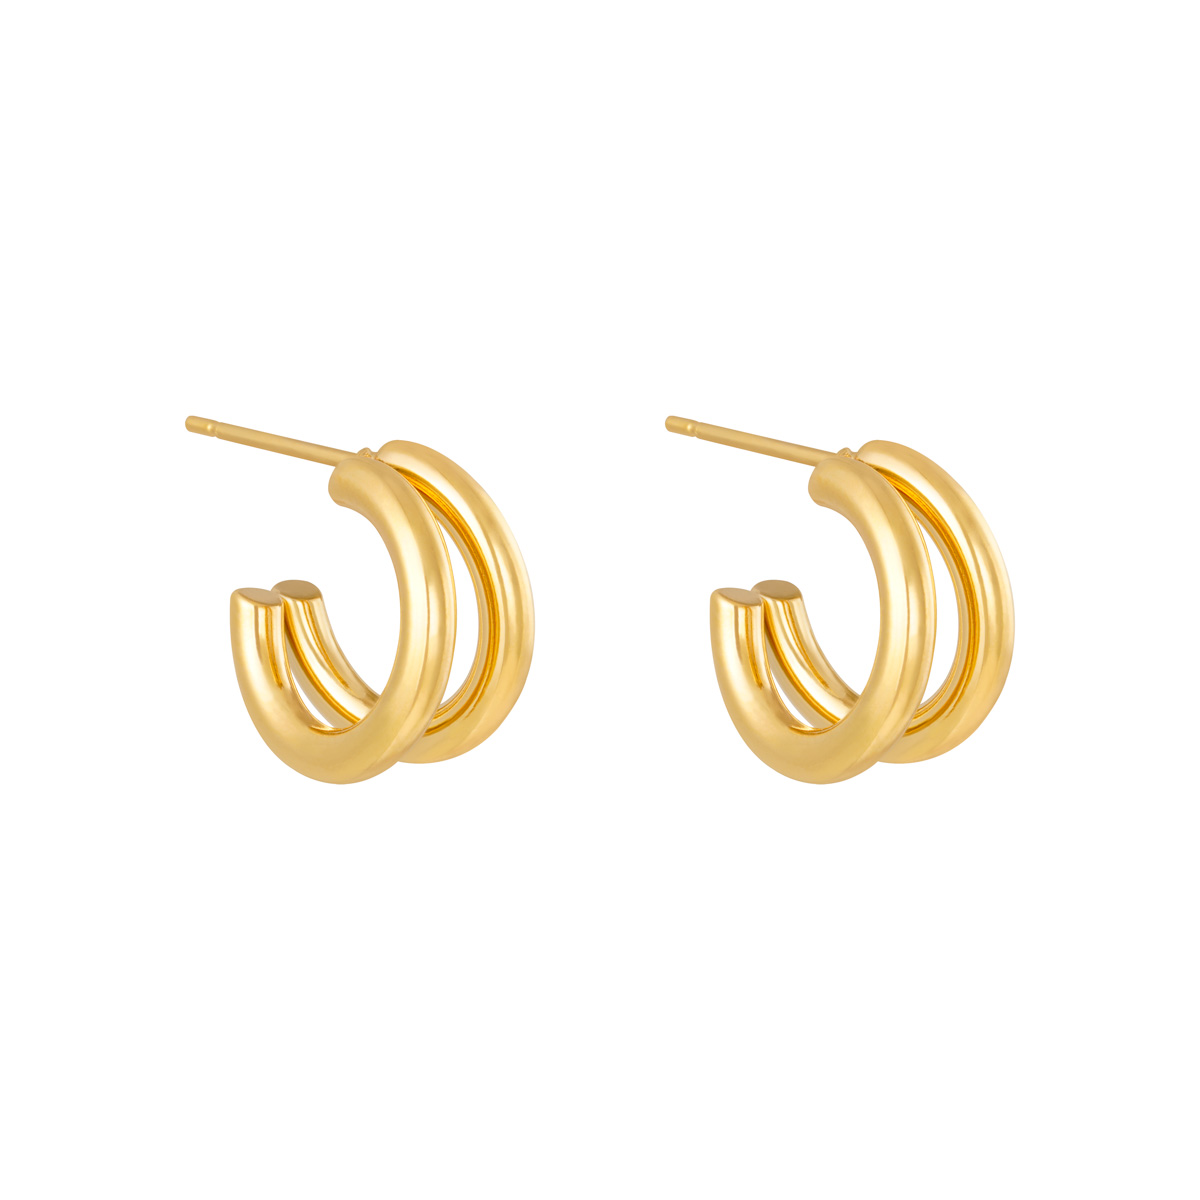 Boucles d'oreilles Circled